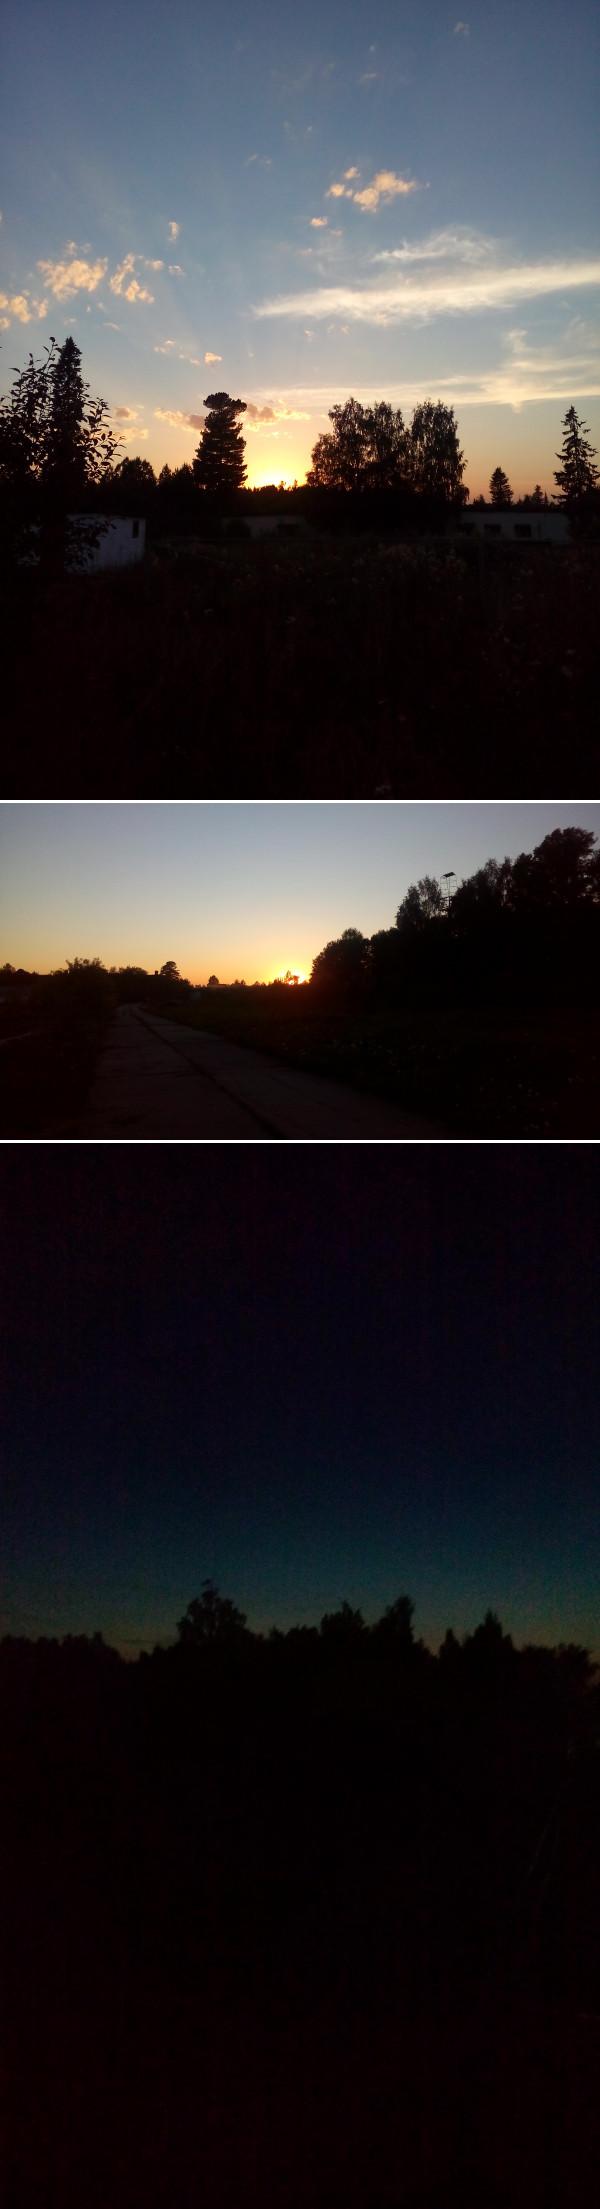 Вечерние пейзажи.Армия Пейзаж, Закат, Армия, Длиннопост